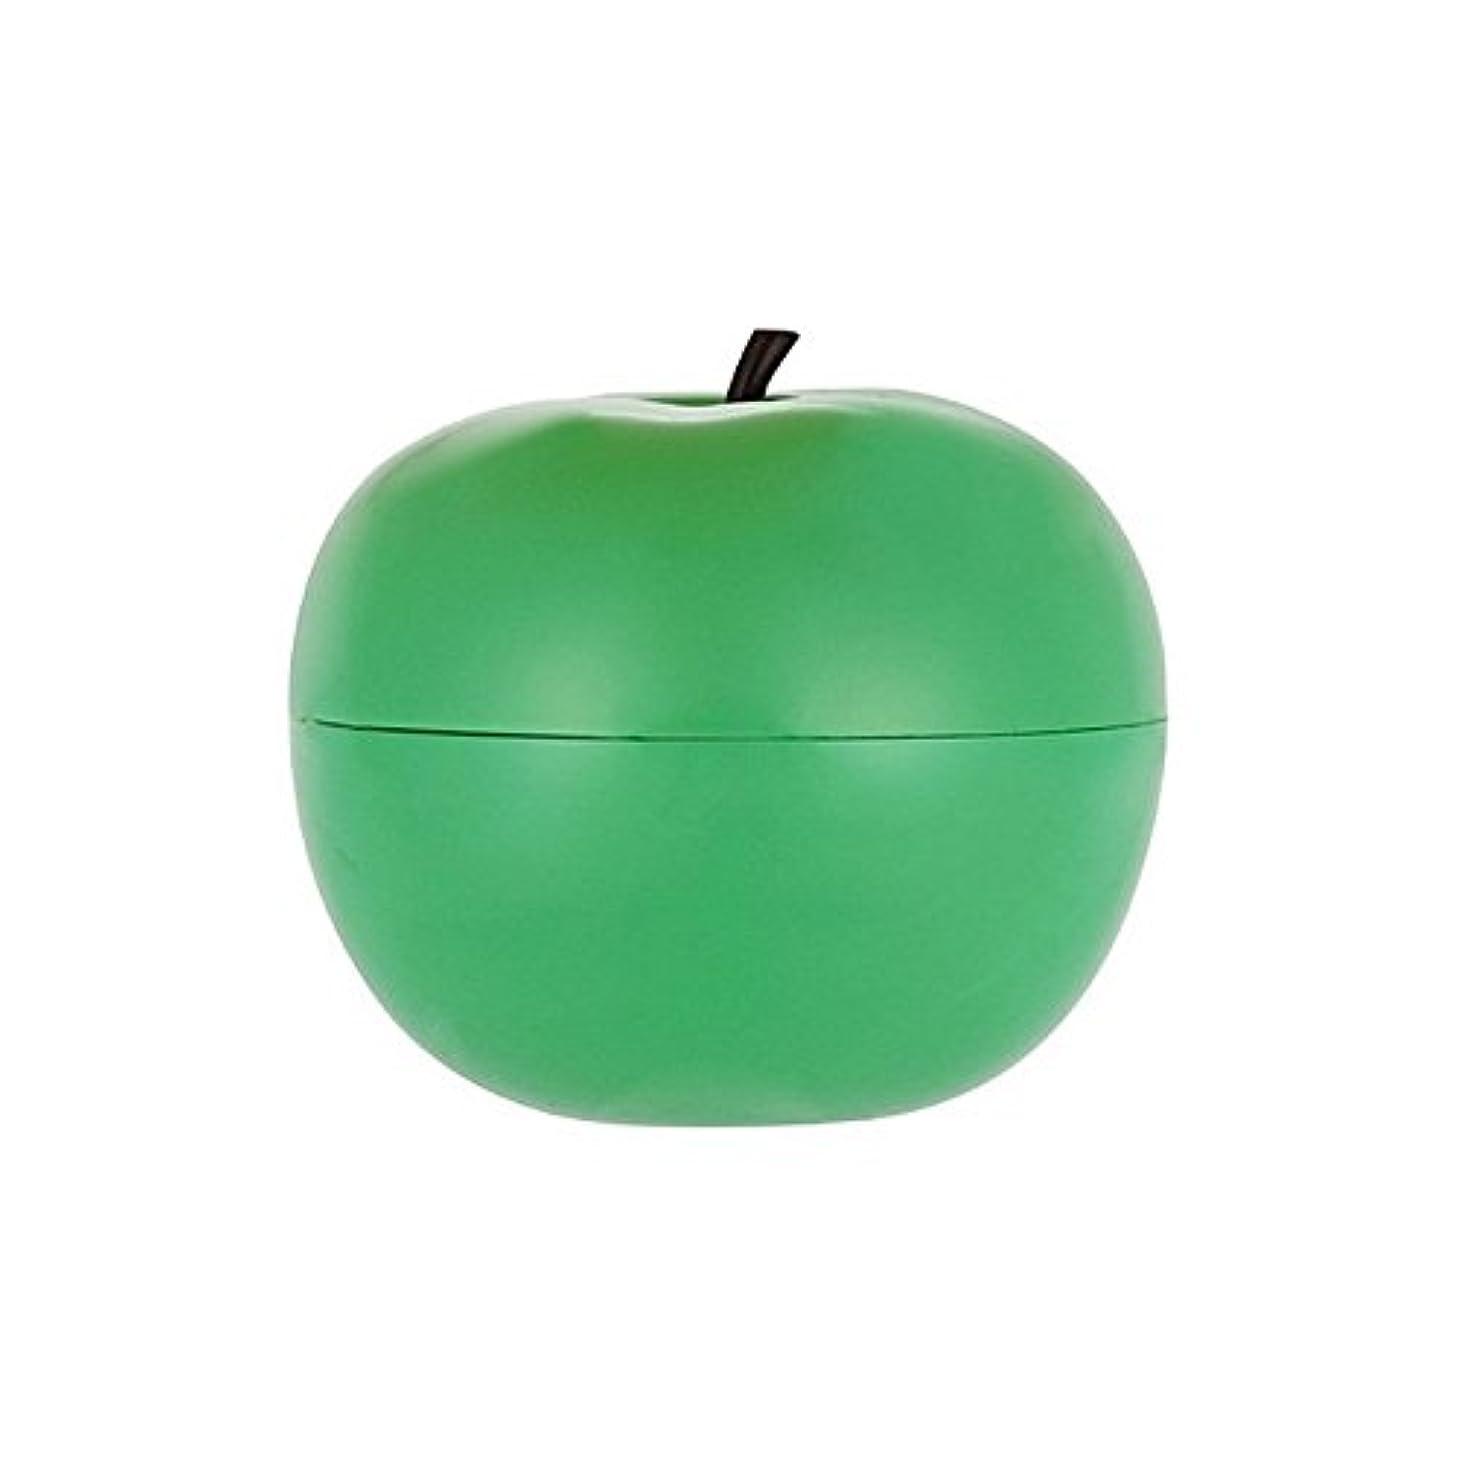 トニーモリースムーズマッサージピーリングクリーム80グラム x4 - Tony Moly Appletox Smooth Massage Peeling Cream 80G (Pack of 4) [並行輸入品]